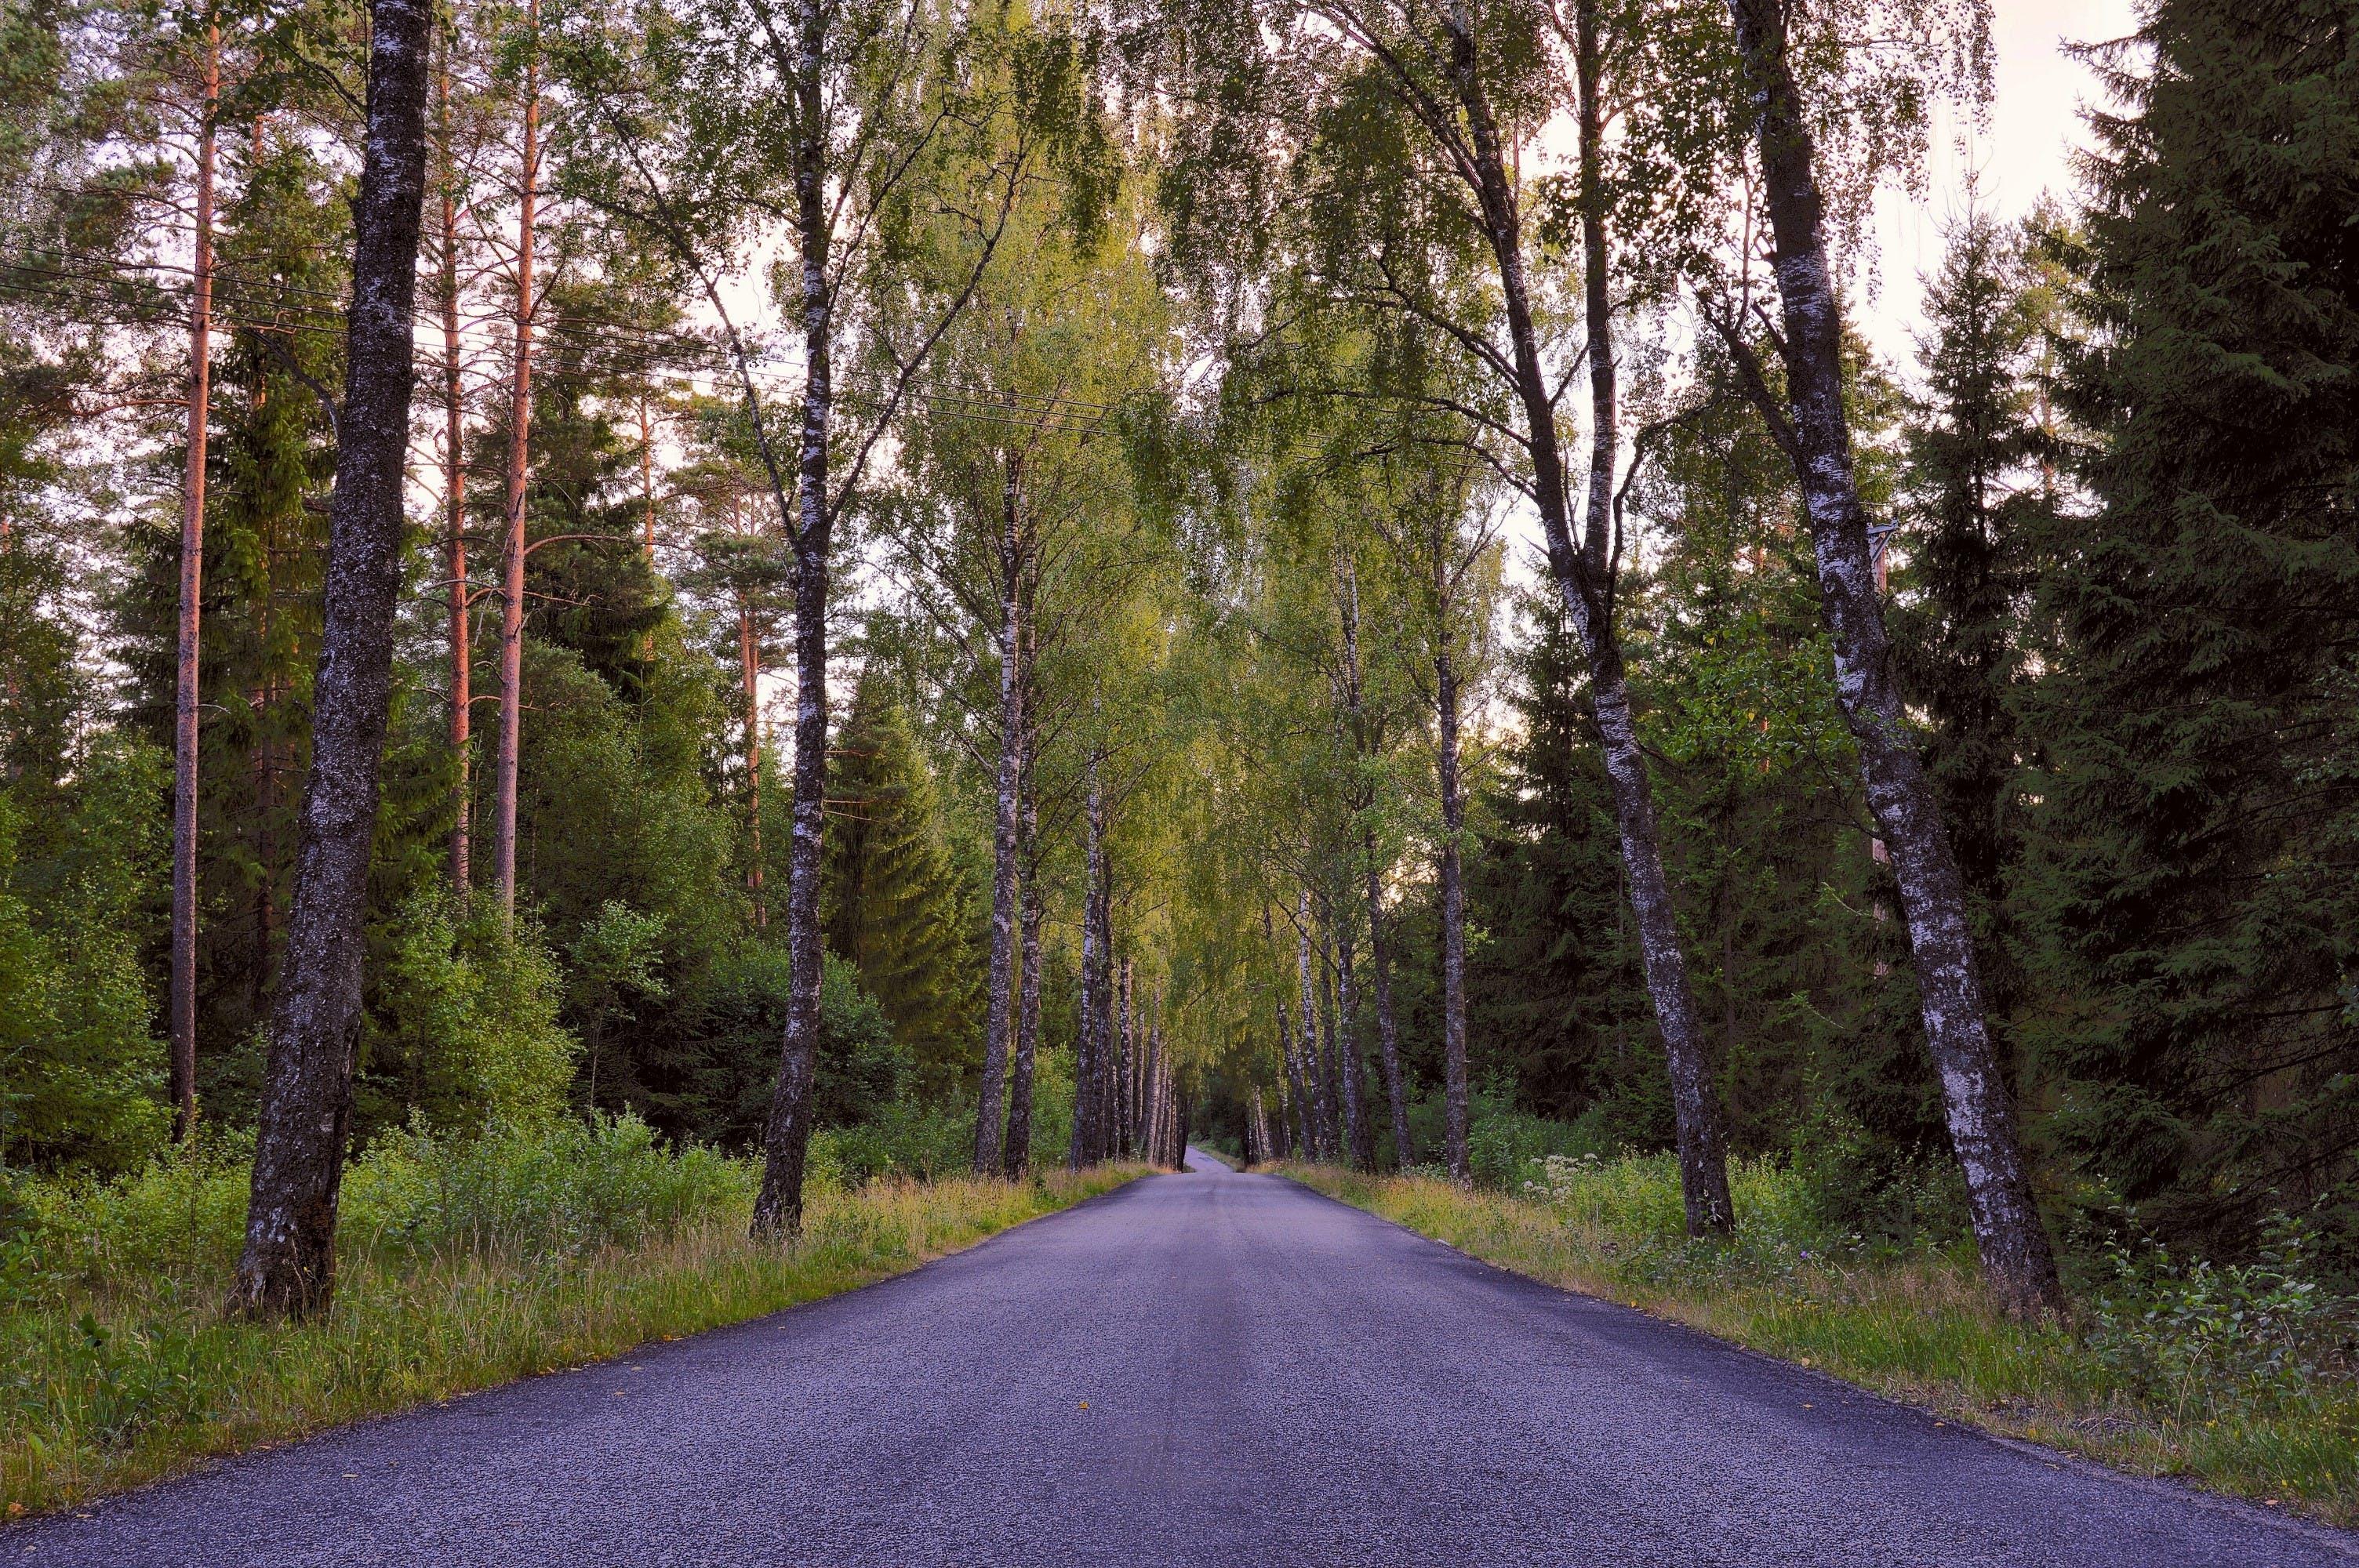 Fotos de stock gratuitas de árbol, arboles, bosque, carretera